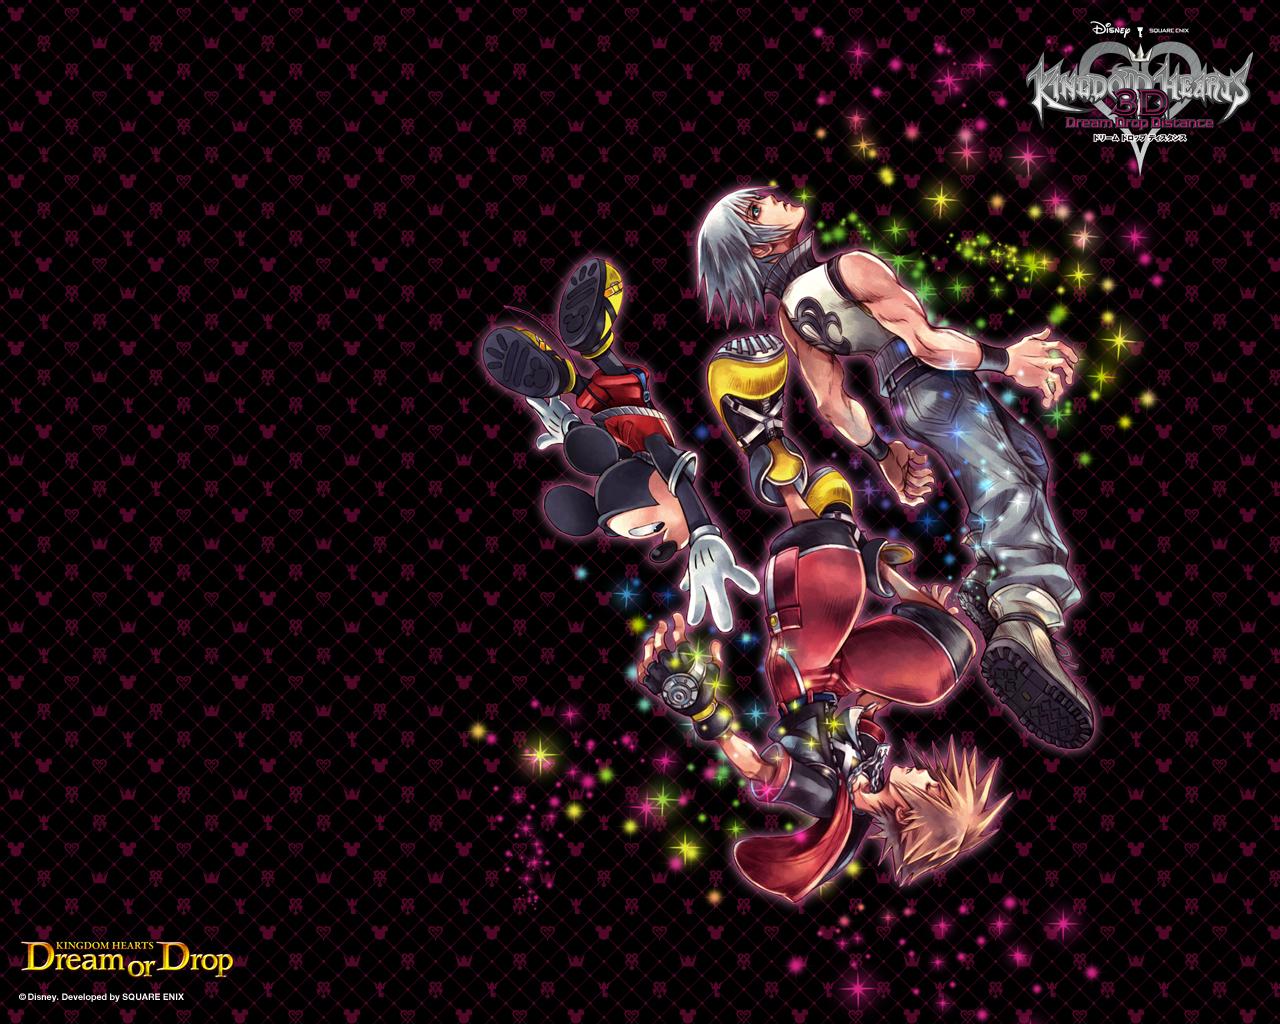 Beautiful Wallpaper Mac Kingdom Hearts - kingdom-hearts-3d-wallpaper-6  Graphic_803376.jpg